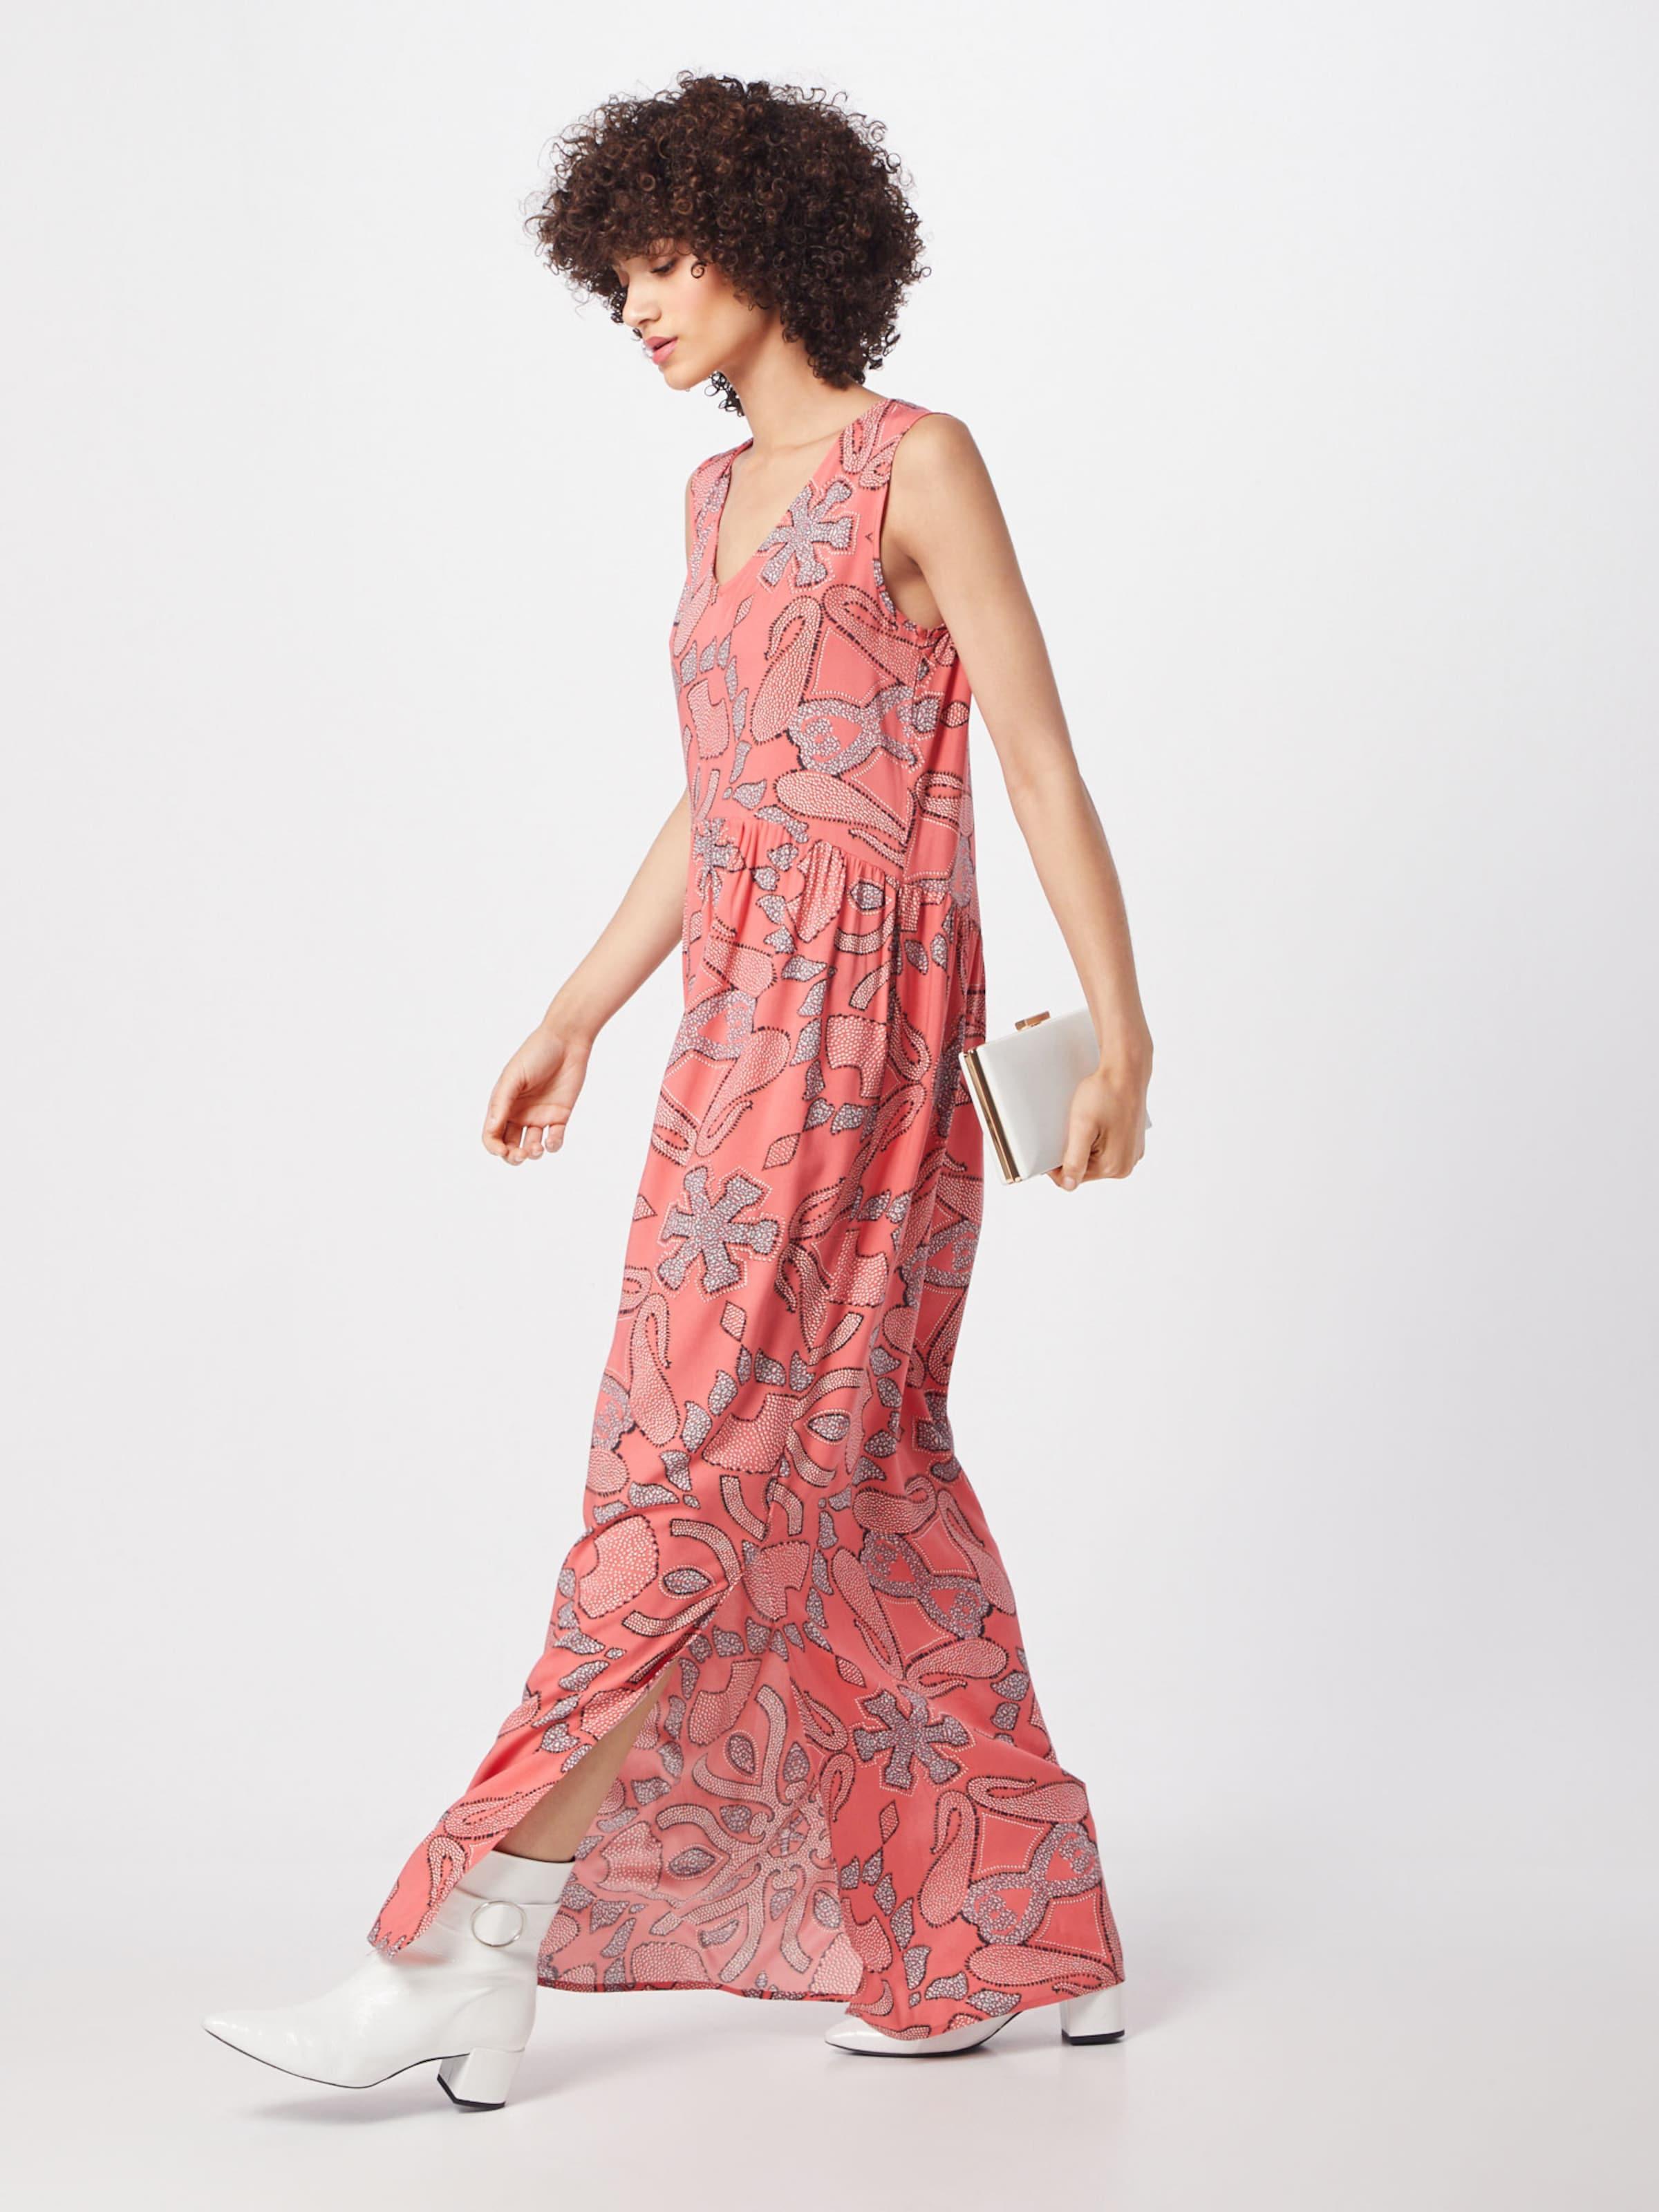 5 venus RostbraunMischfarben In Soyaconcept 'sc Dress' Kleid QrdCxoeWB